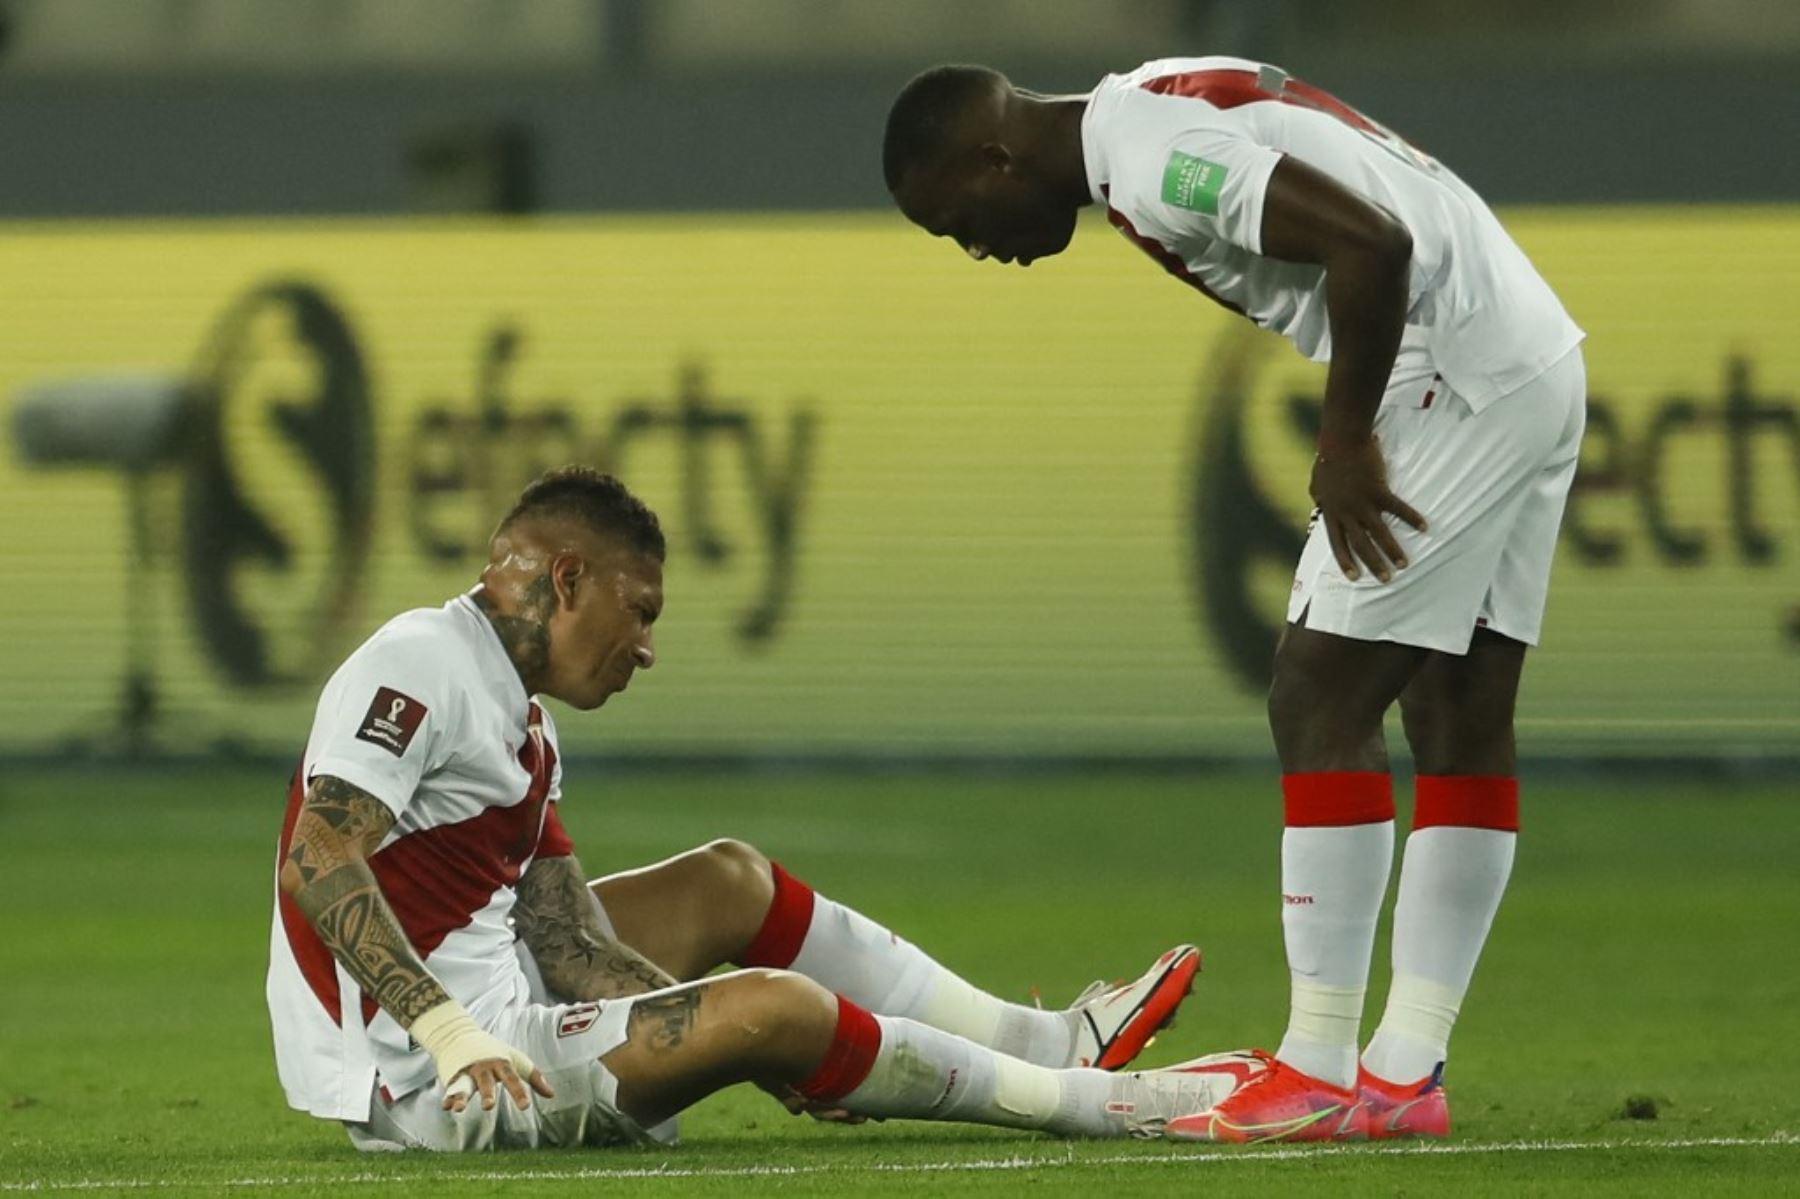 Prensa boliviana resalta que Perú jugará con varias bajas y sin Paolo Guerrero